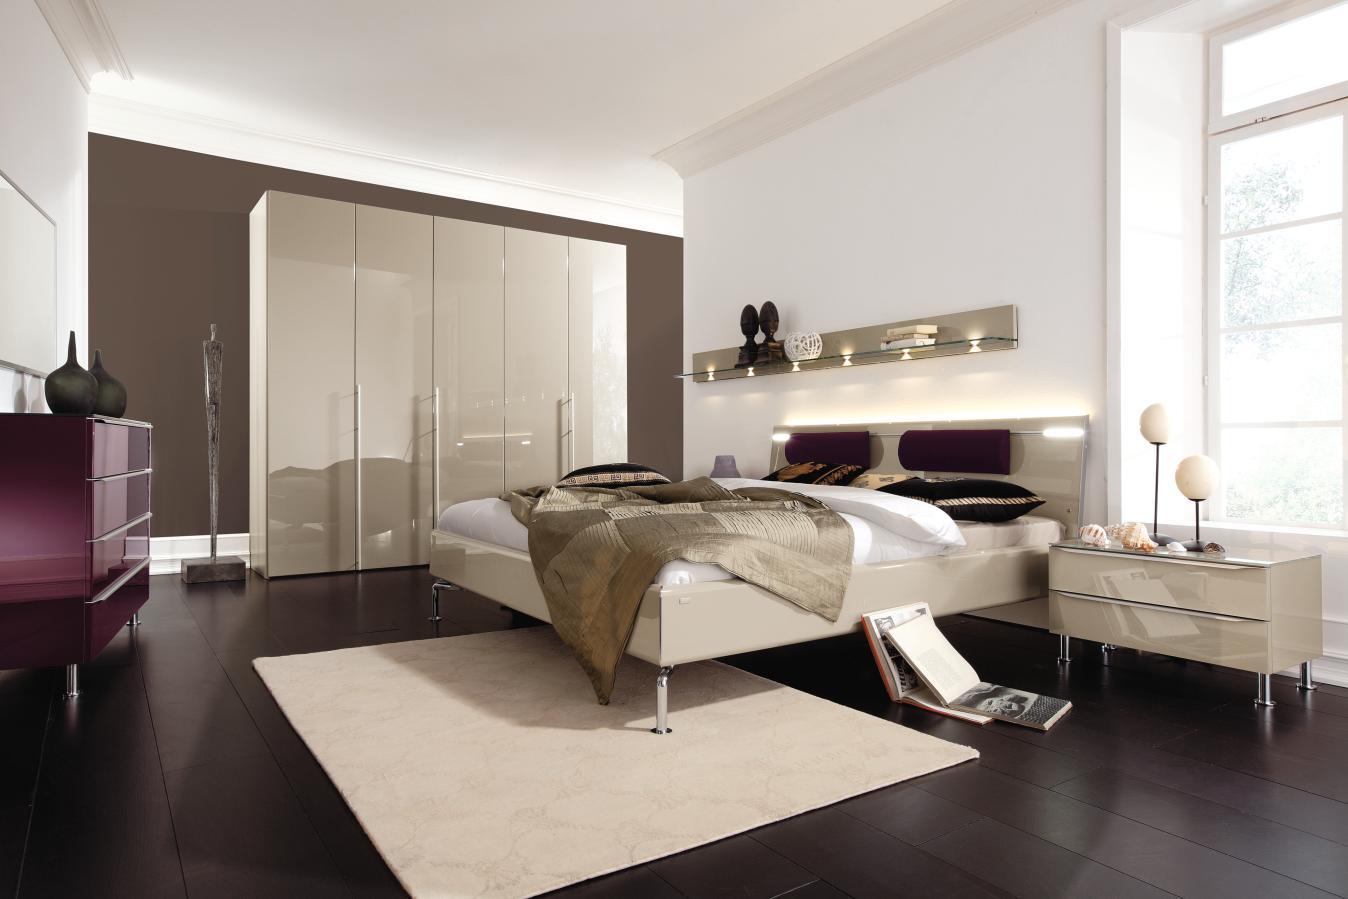 Chọn phong cách giường ngủ theo phong thủy thông qua các cung cũng là một tiêu chí quan trọng